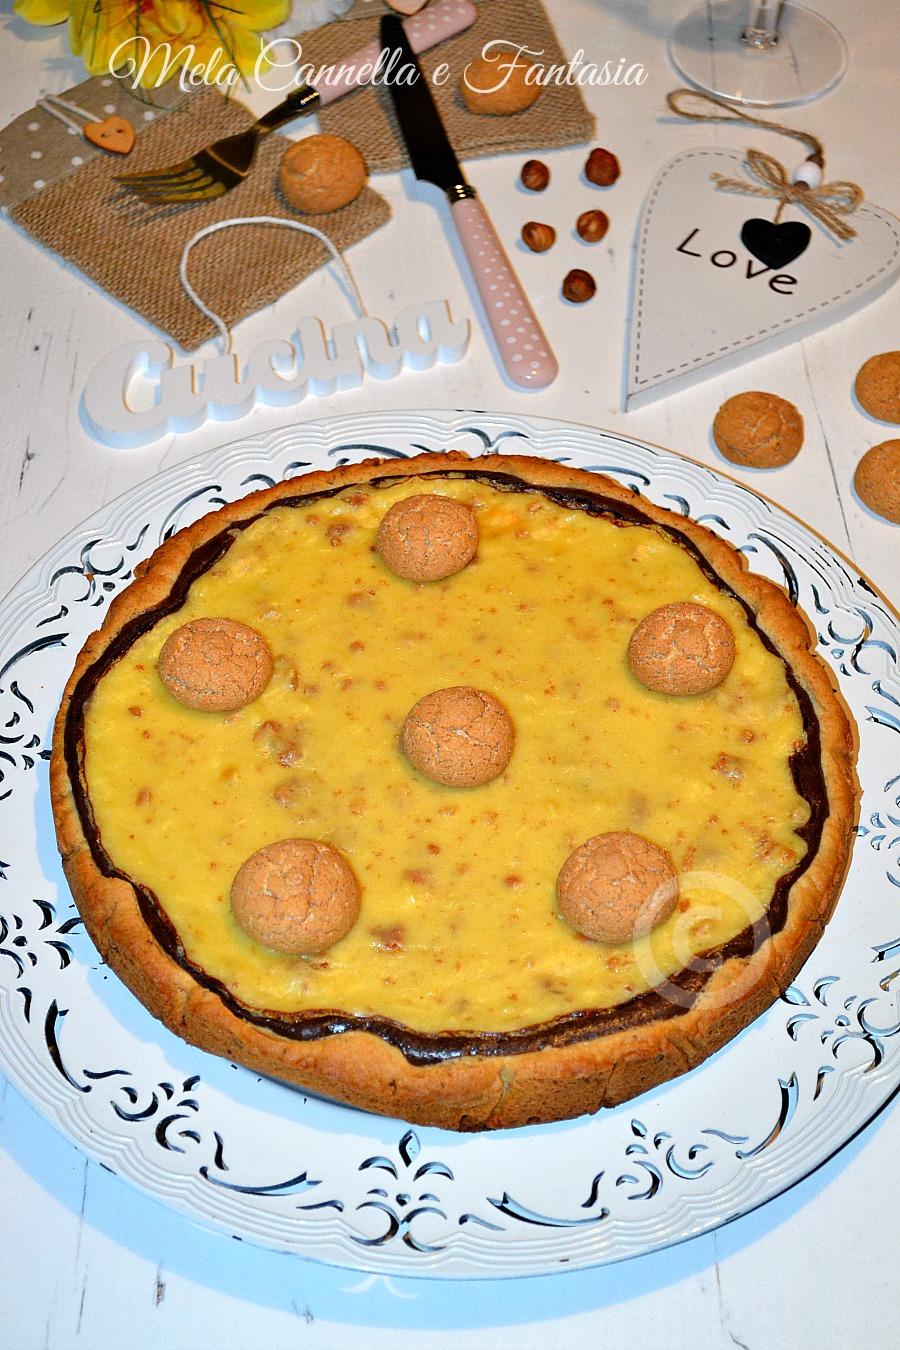 crostata bicolore con amaretti